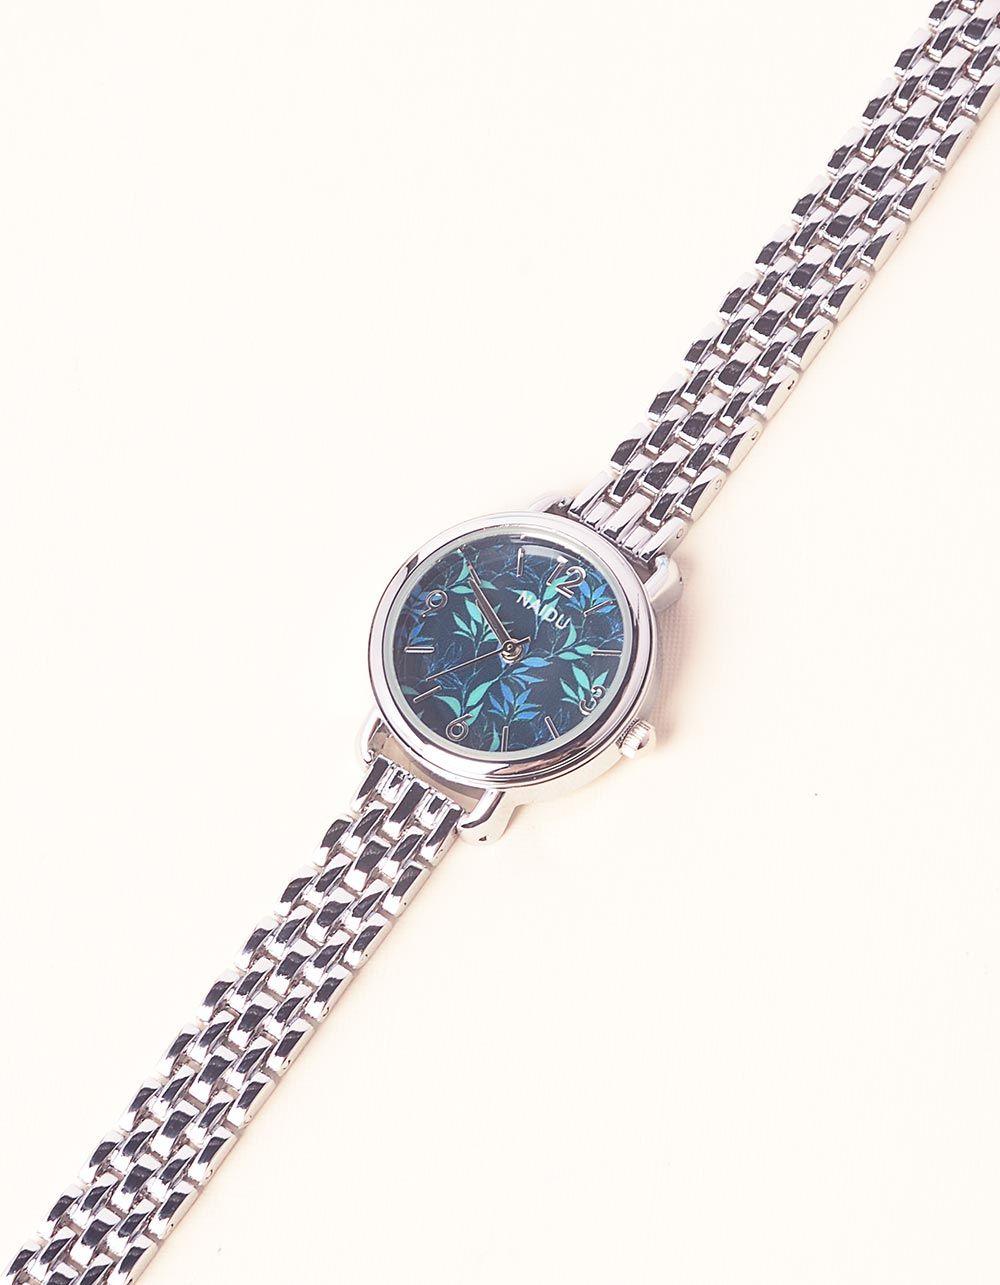 Годинник з квітковим принтом та металевим ремінцем | 237268-62-XX